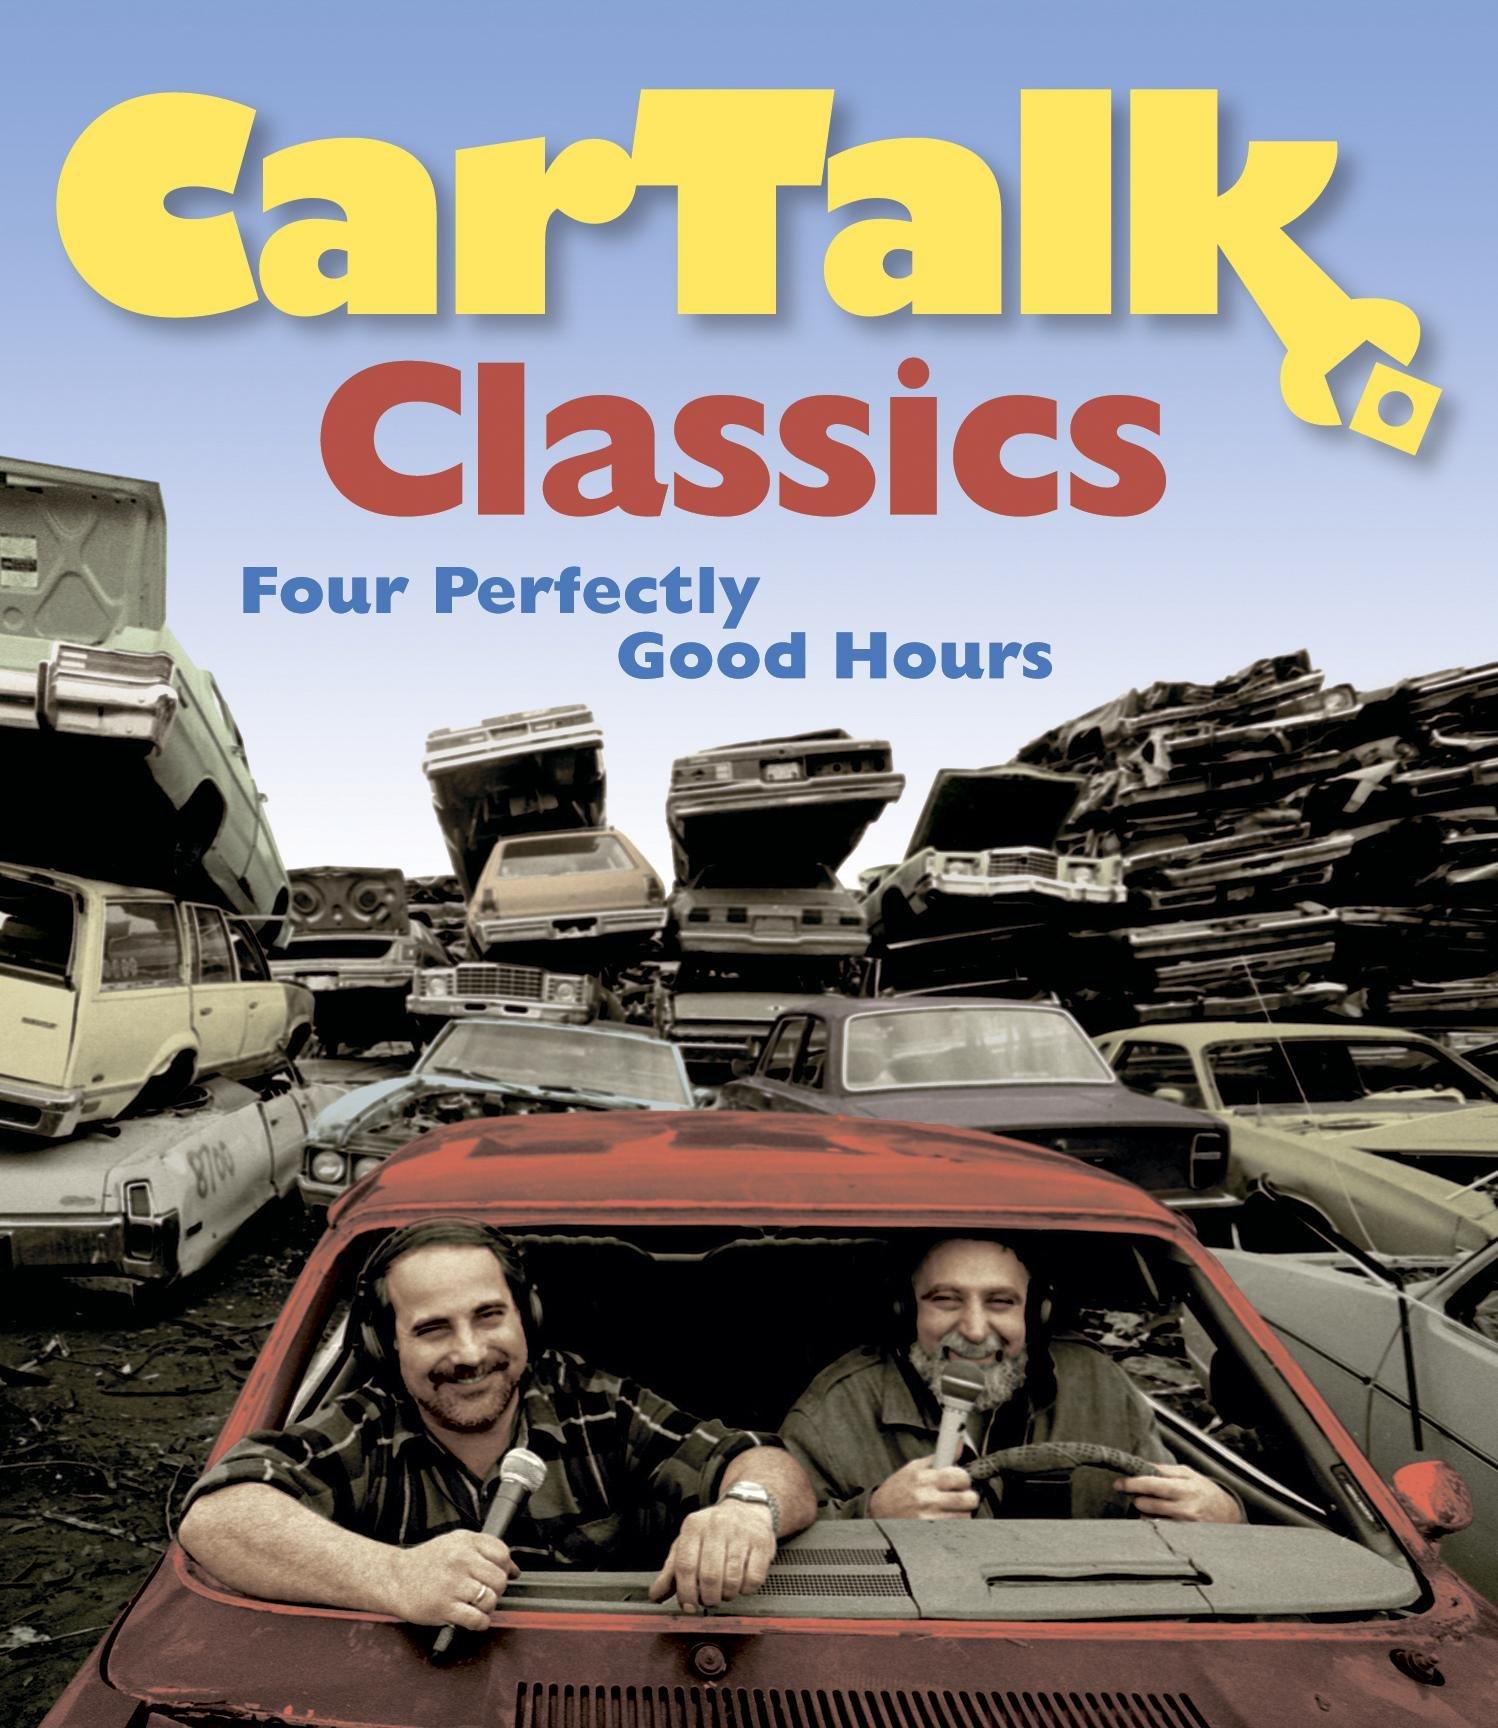 Car Talk Classics: Four Perfectly Good Hours: Magliozzi, Ray, Magliozzi, Tom: 9781598870992: Amazon.com: Books